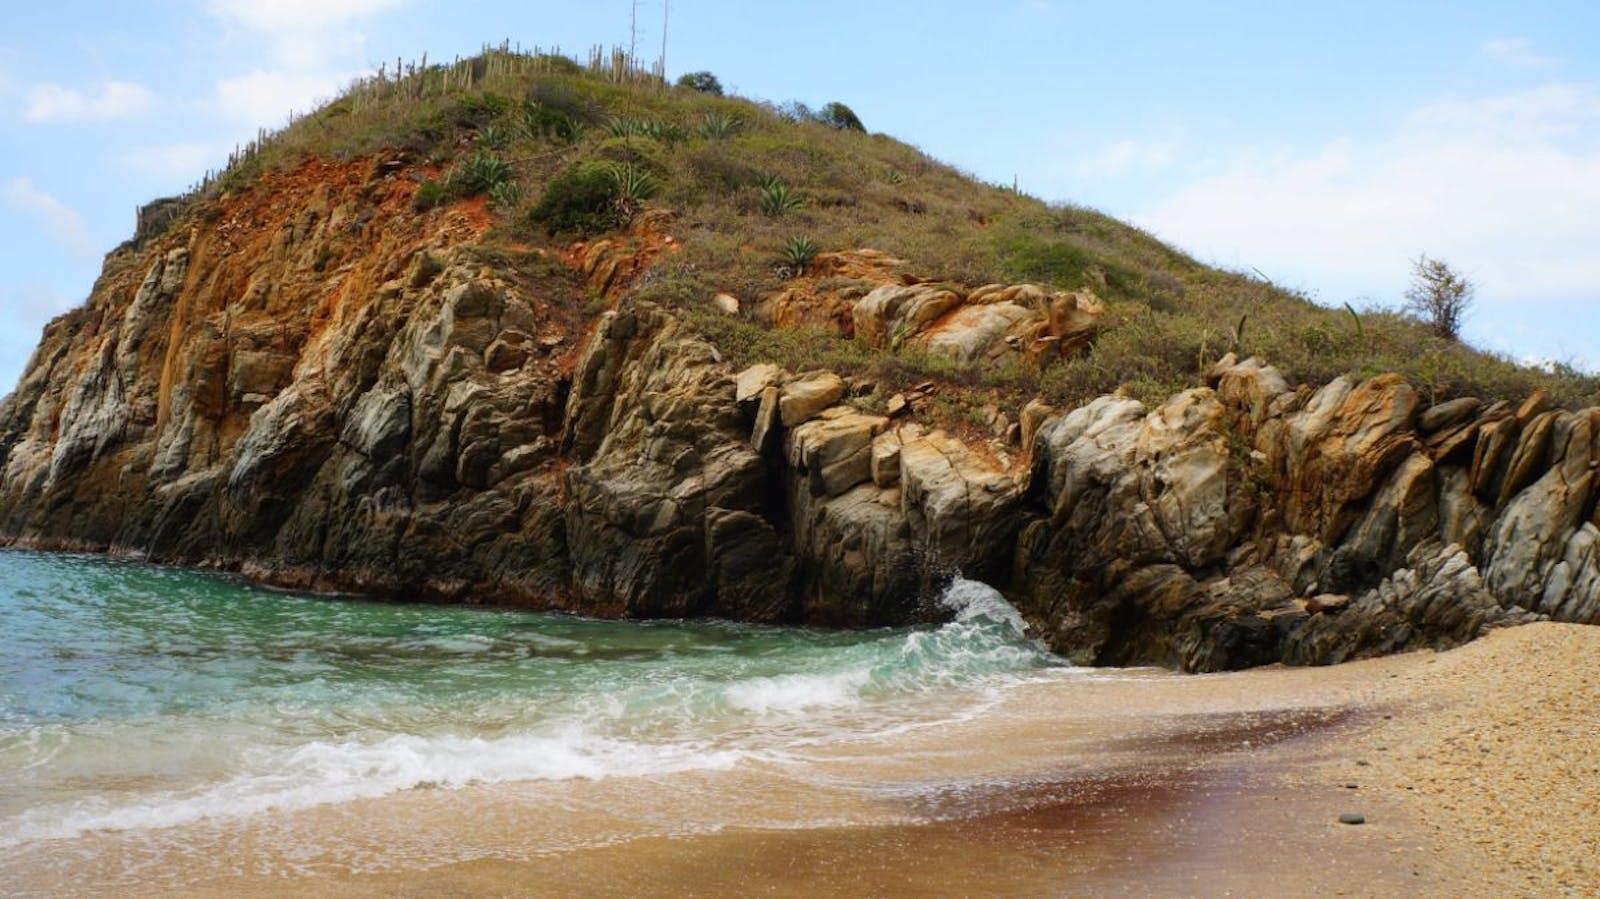 La Costa Xeric Shrublands